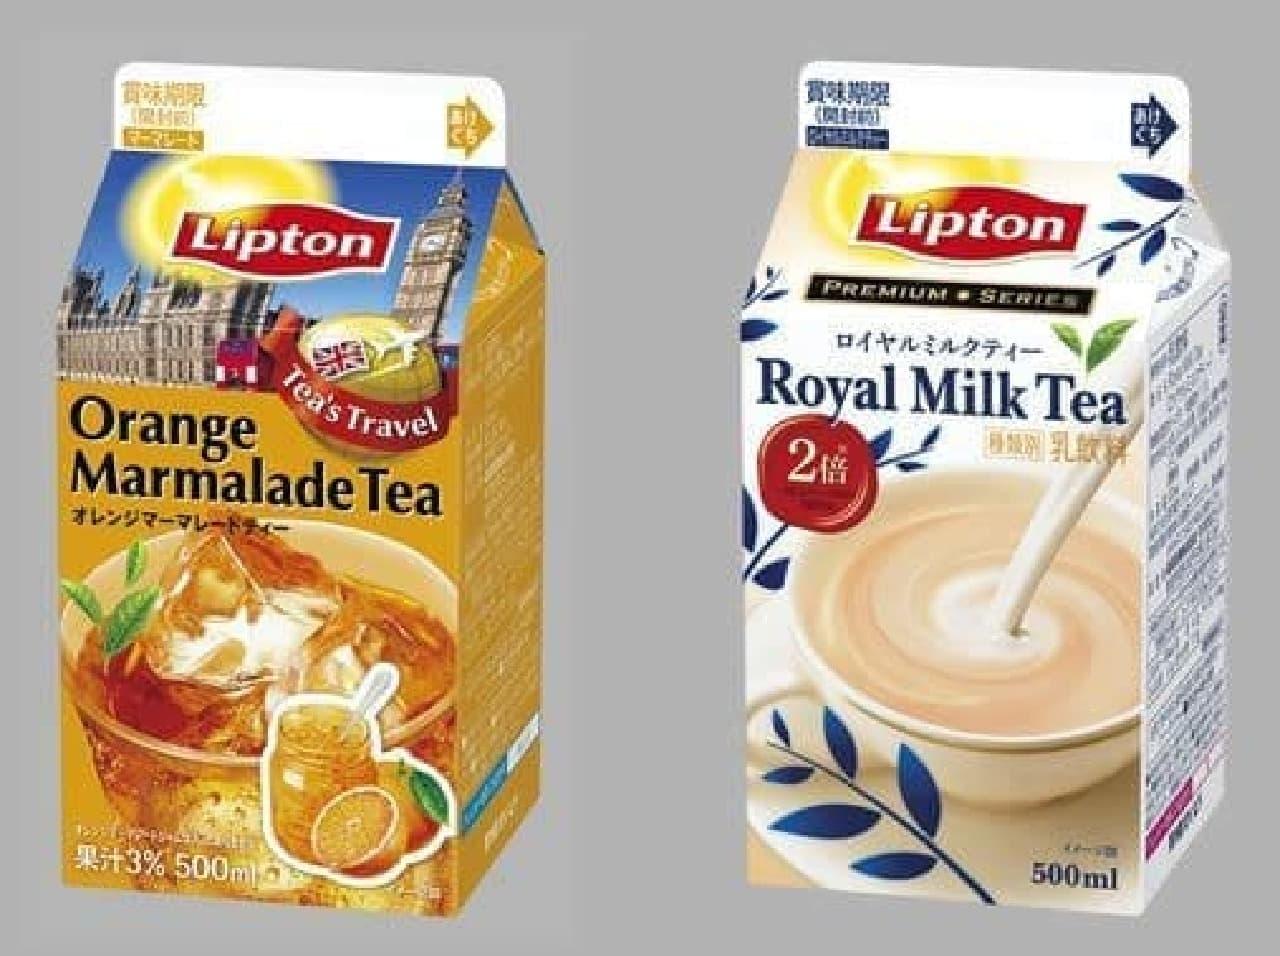 「リプトン オレンジマーマレードティー」(左)、  「リプトン ロイヤルミルクティー」(右)